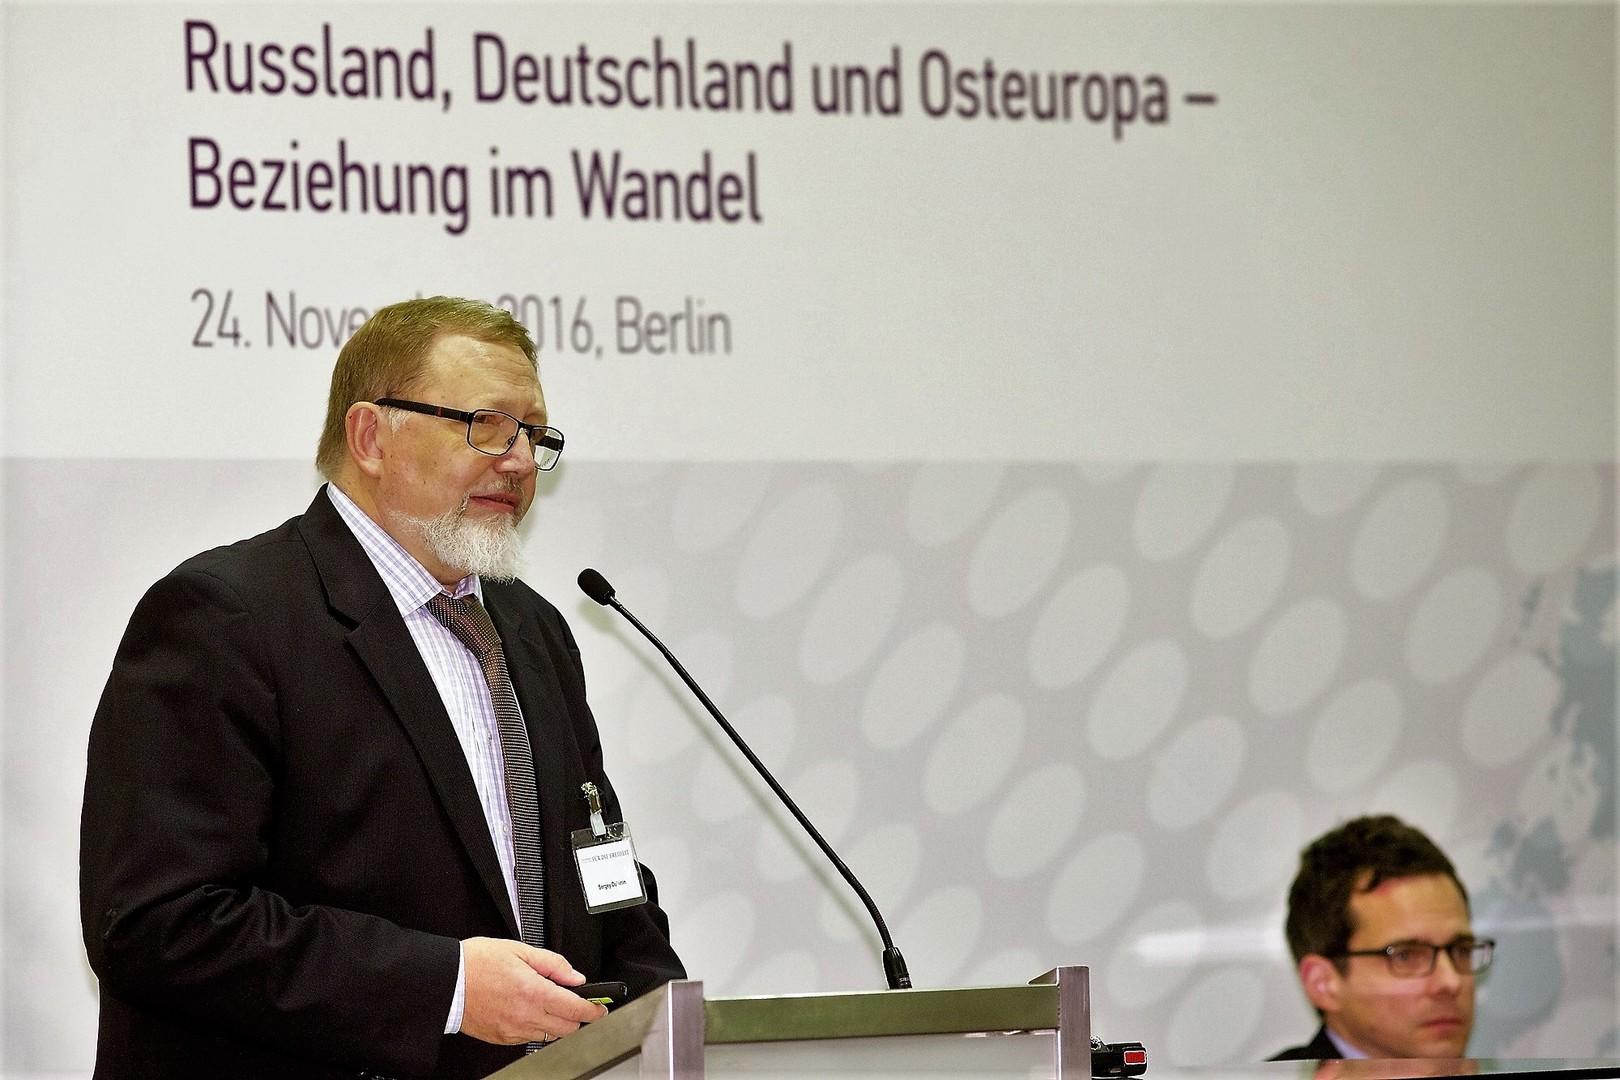 FDP-Forum zu Russland entgleitet - Sanktionsbefürworter fast von der Bühne gebuht